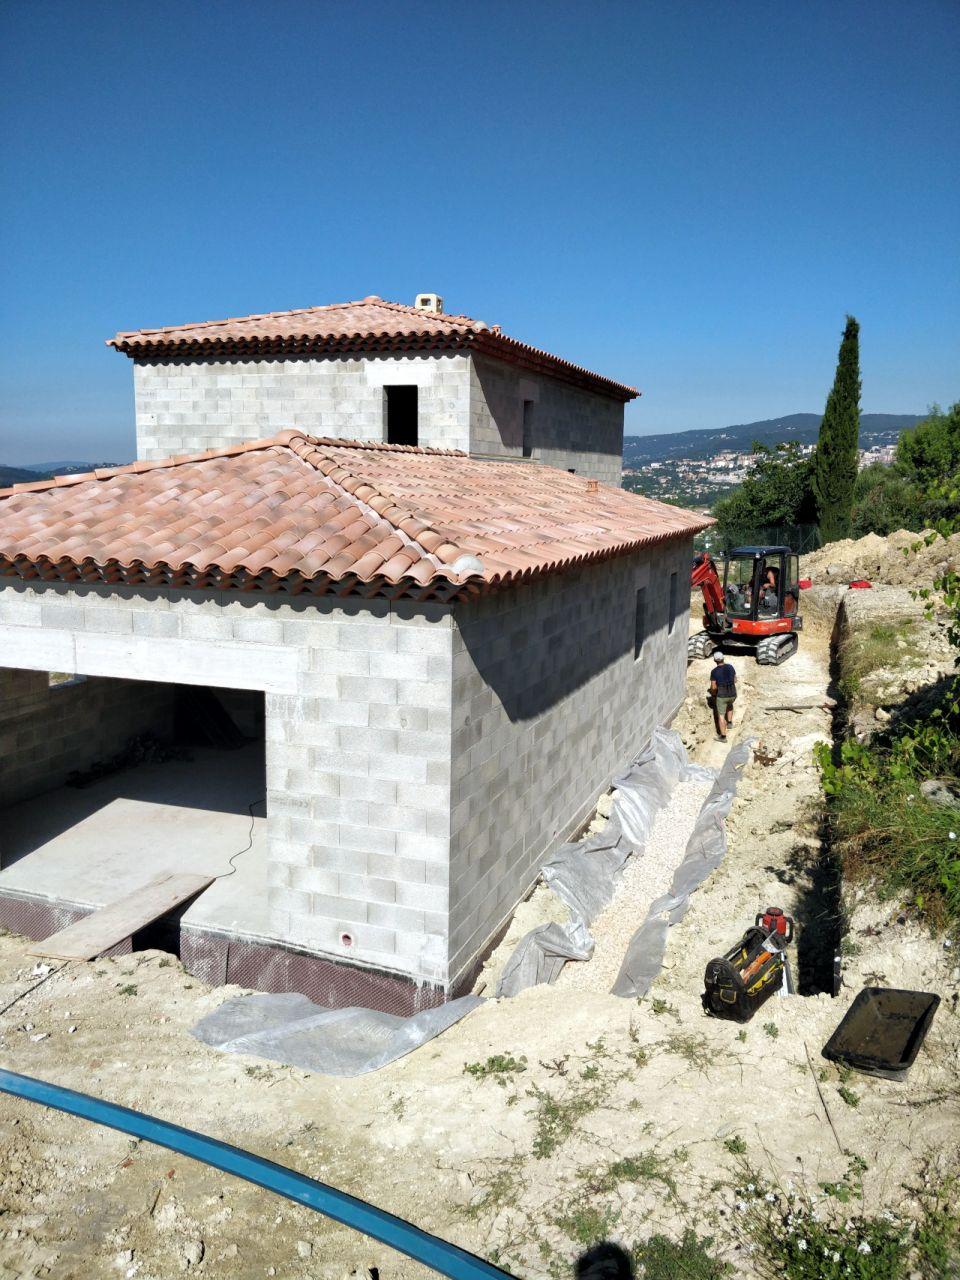 Installation du drain périphérique de récupération des eaux de pluies.